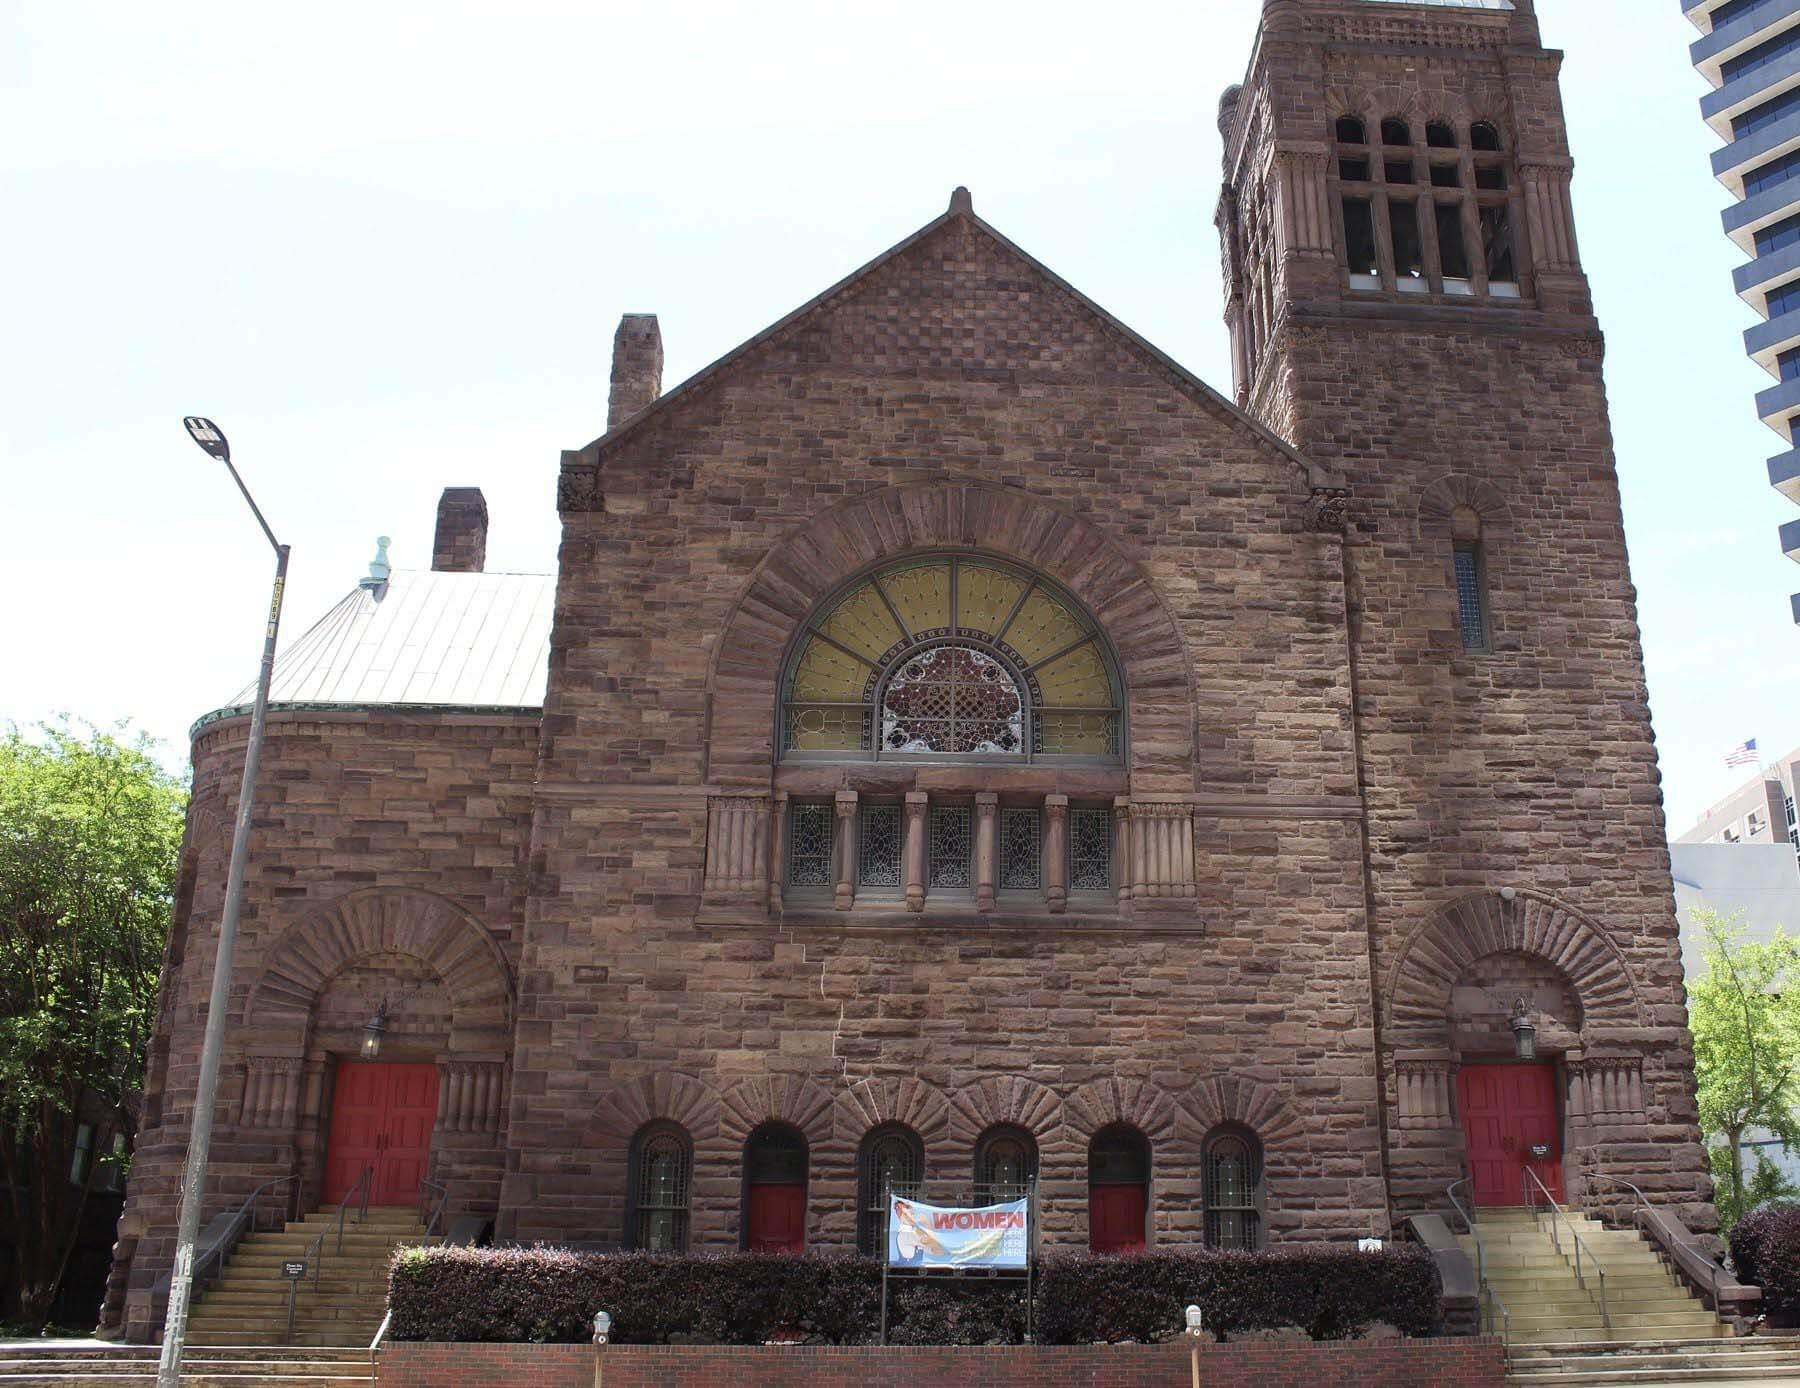 First United Methodist Church in Birmingham, AL